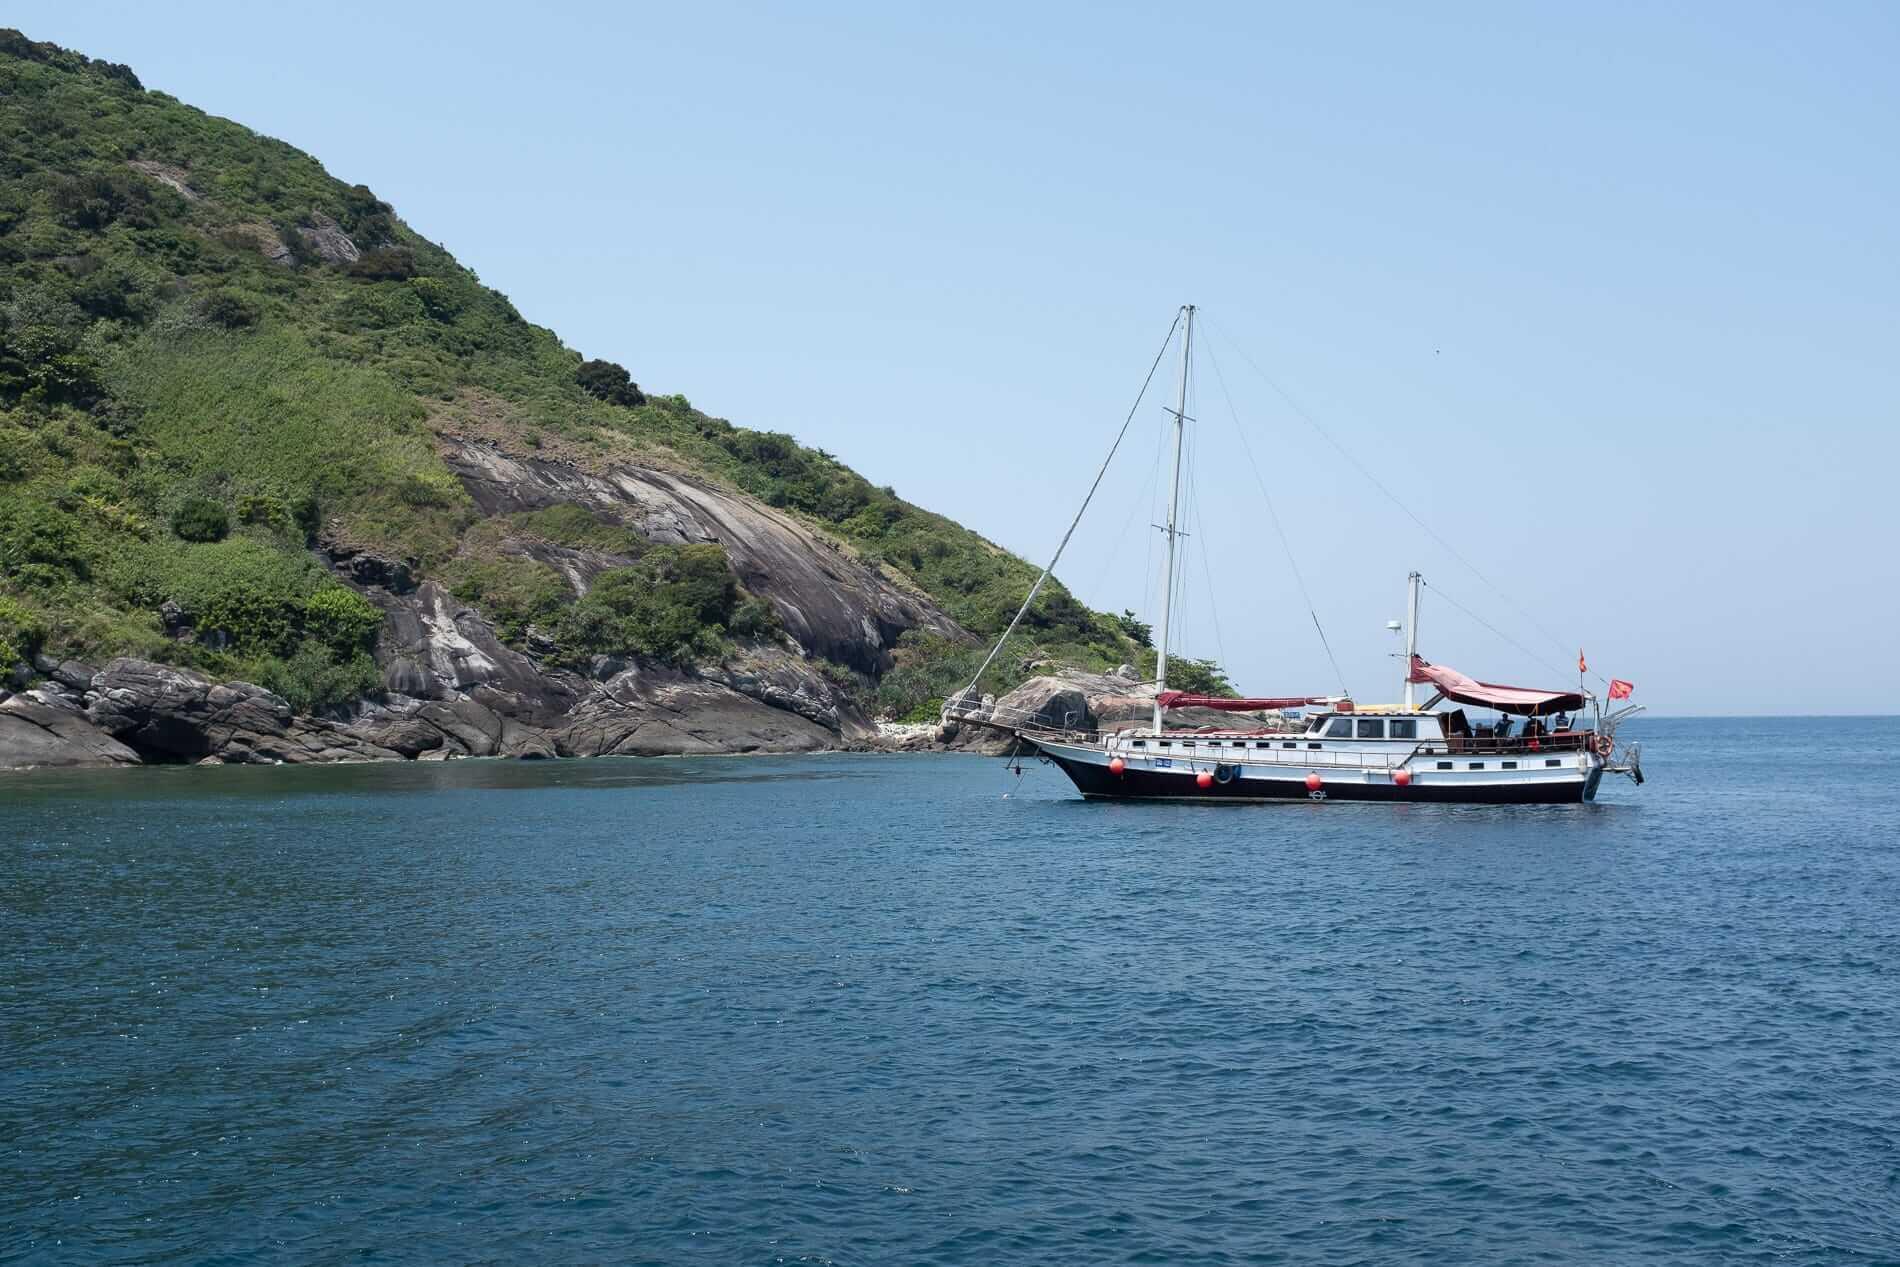 A Biriwa sailing yacht - Cham Island Accommodation